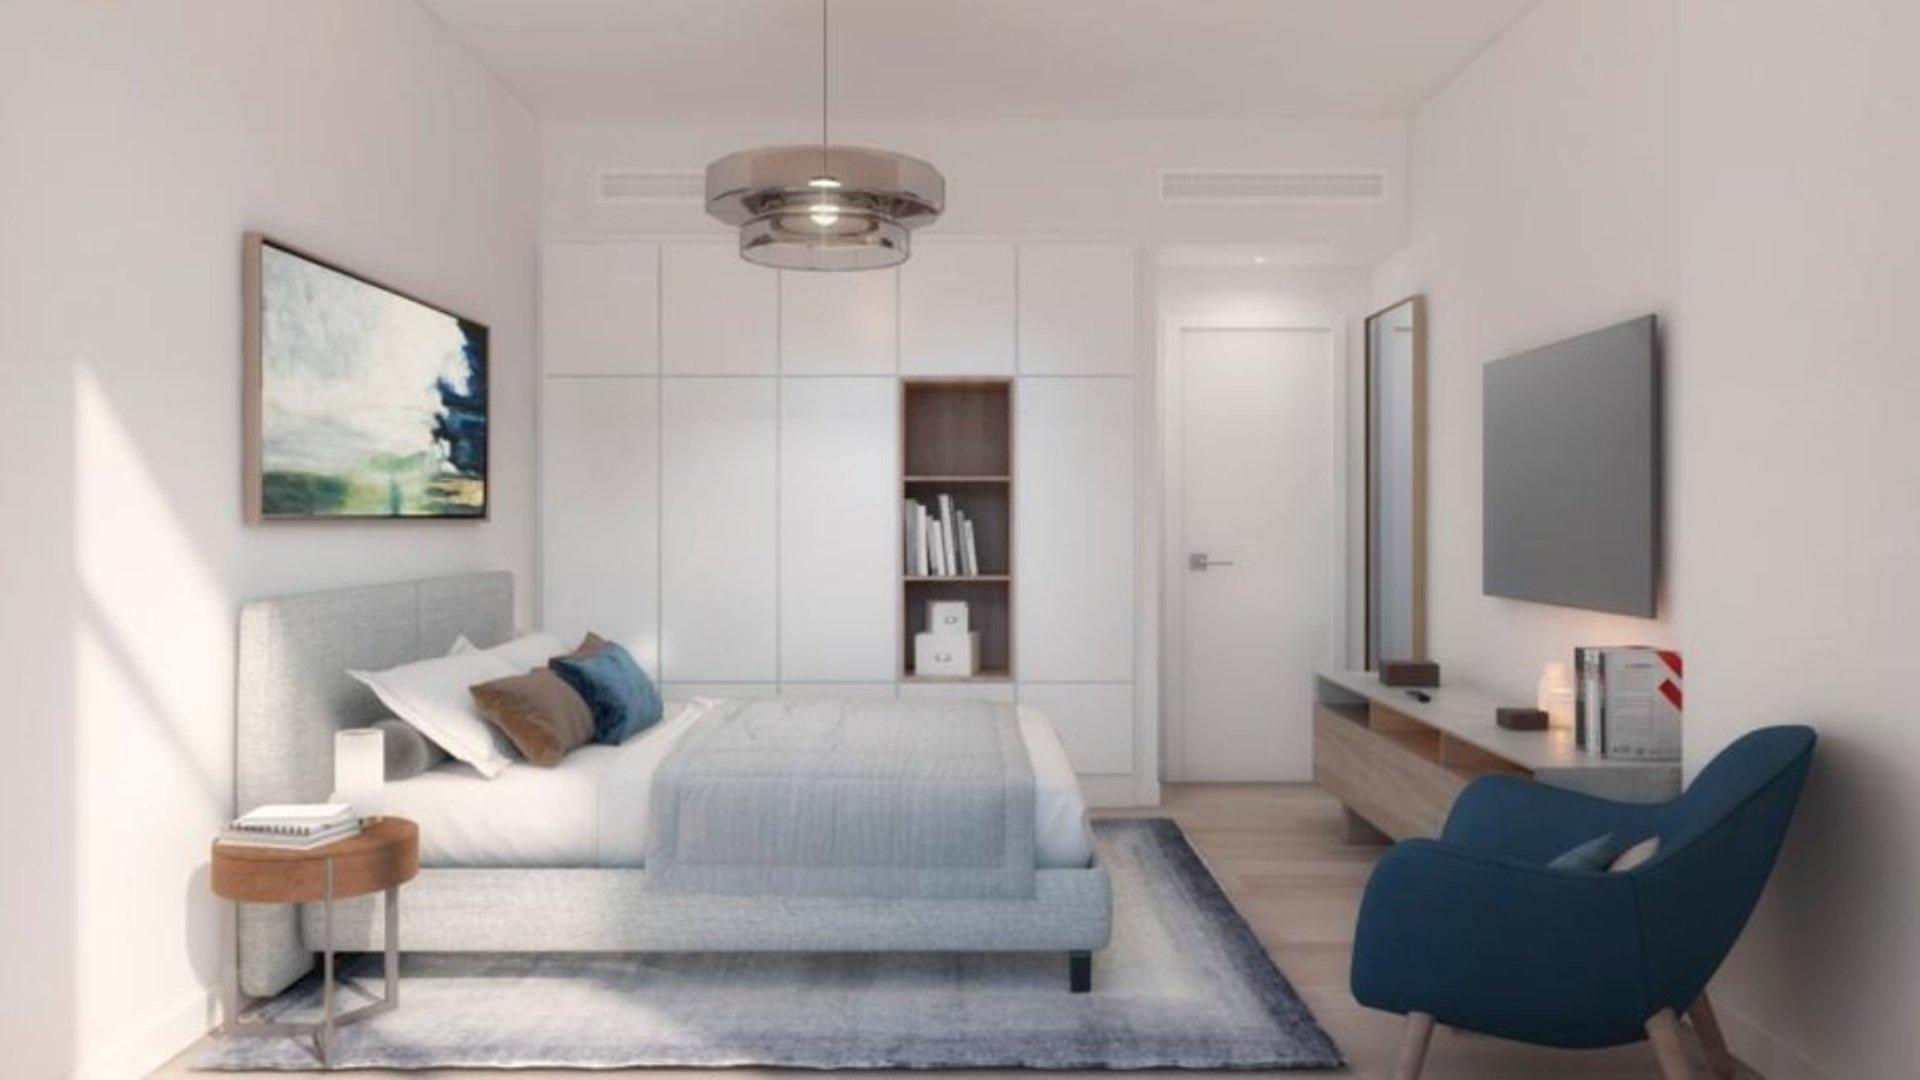 Apartment for sale in Dubai, UAE, 2 bedrooms, 112 m2, No. 24286 – photo 5